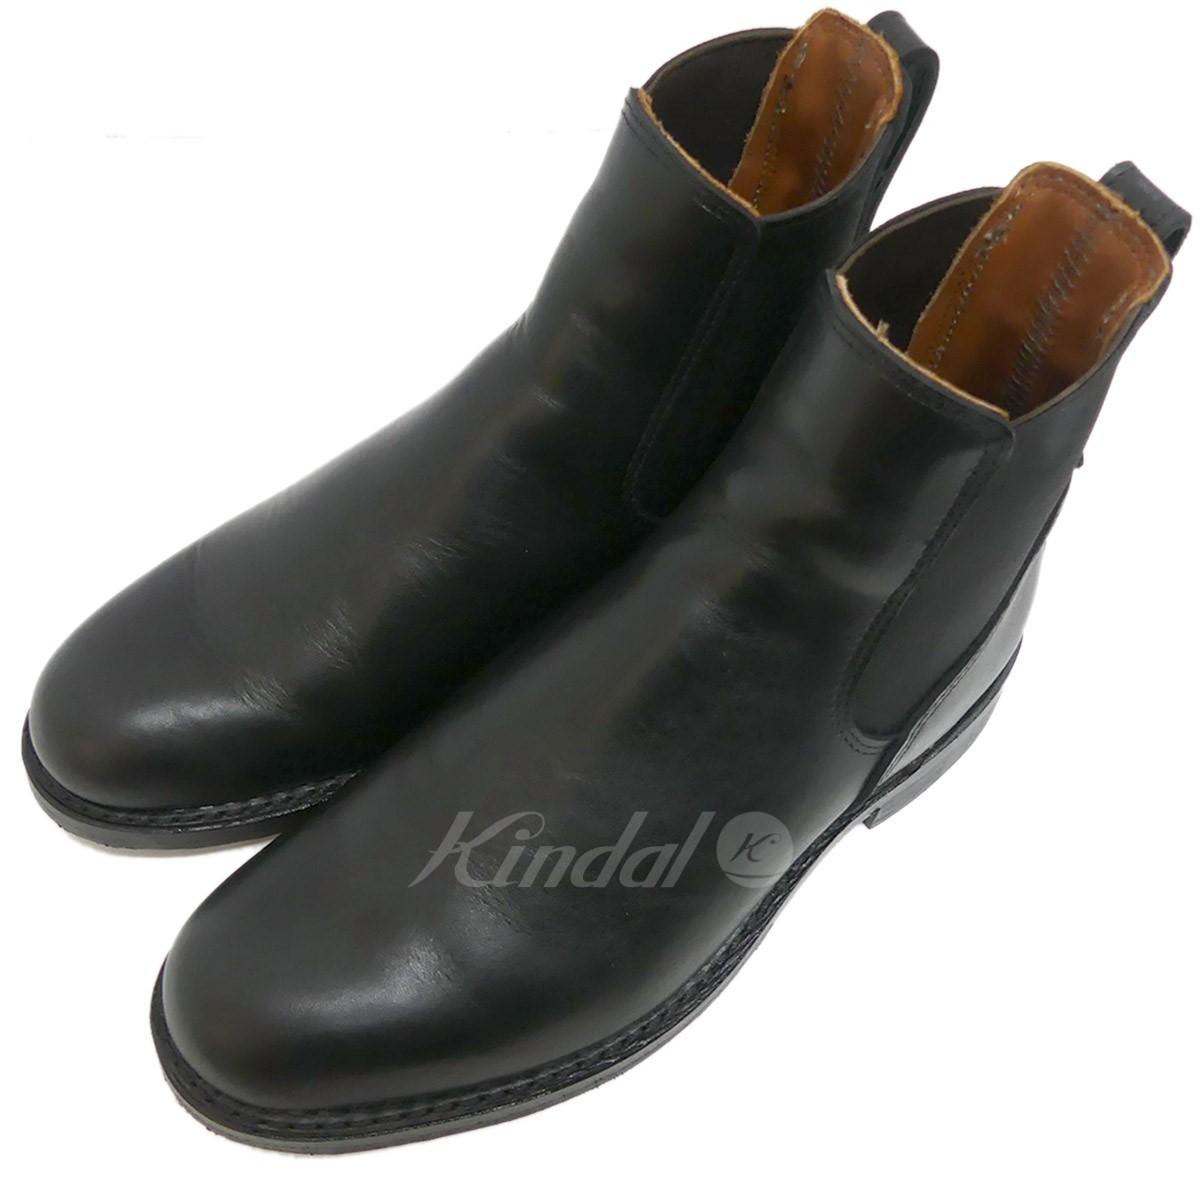 【中古】RED WING Mil-1Congress Boots 9079 サイドゴアブーツ ブラック サイズ:6 1/2 【送料無料】 【250518】(レッドウィング)